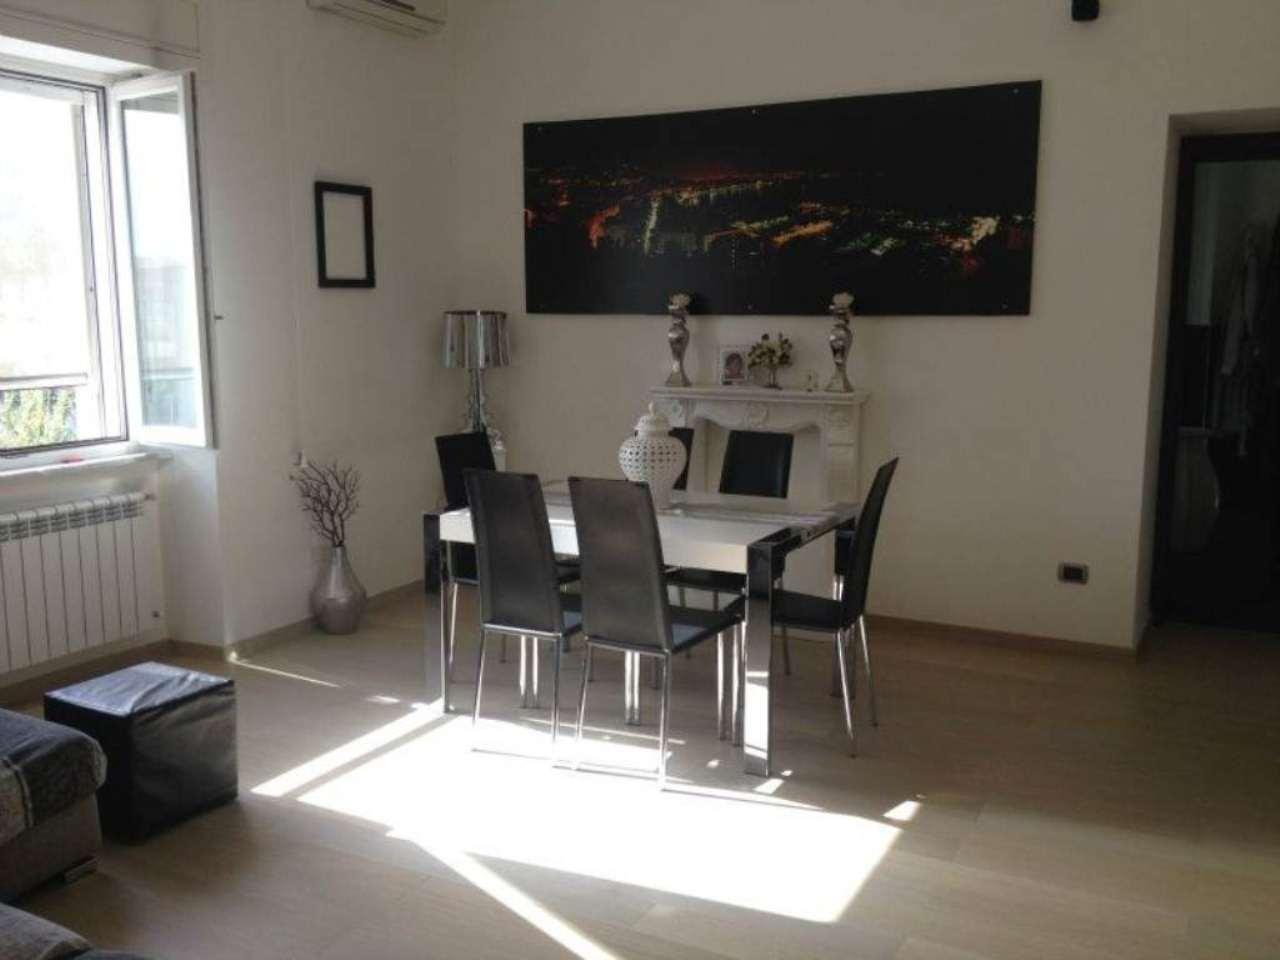 Appartamento in vendita a Napoli, 3 locali, zona Zona: 4 . San Lorenzo, Vicaria, Poggioreale, Zona Industriale, Centro Direzionale, prezzo € 169.000 | Cambio Casa.it